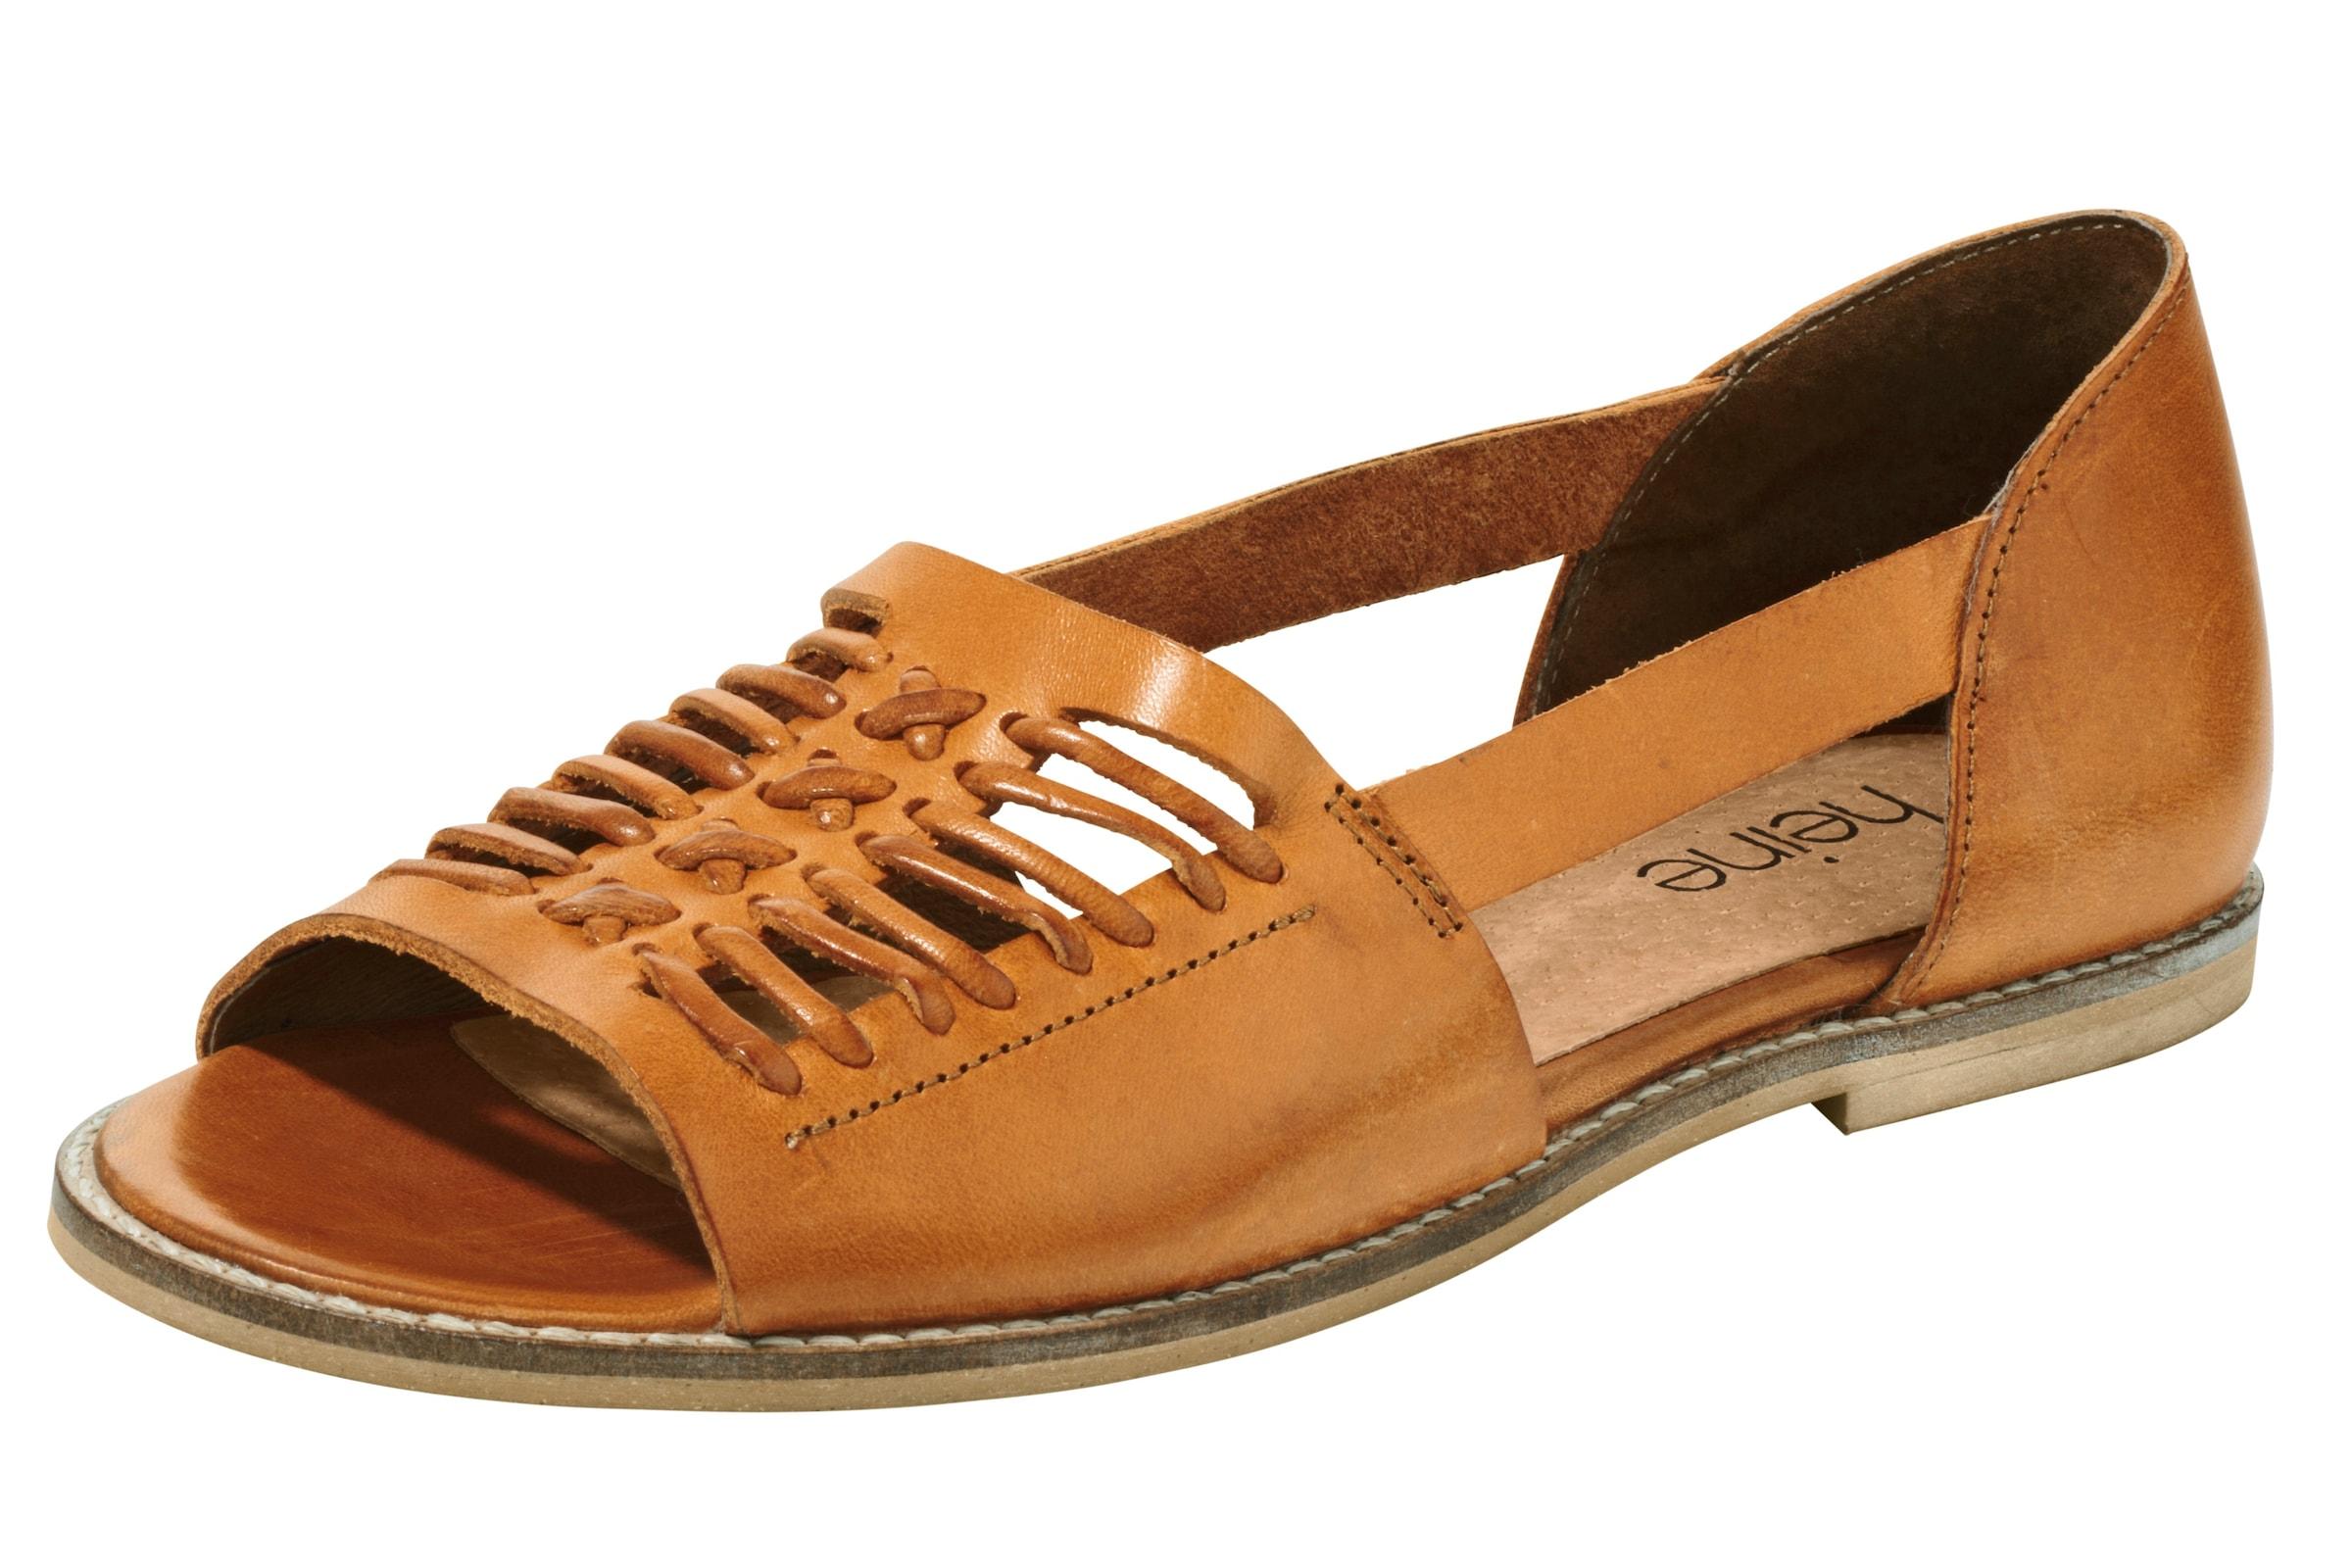 heine Sandale Verschleißfeste billige Schuhe Hohe Qualität